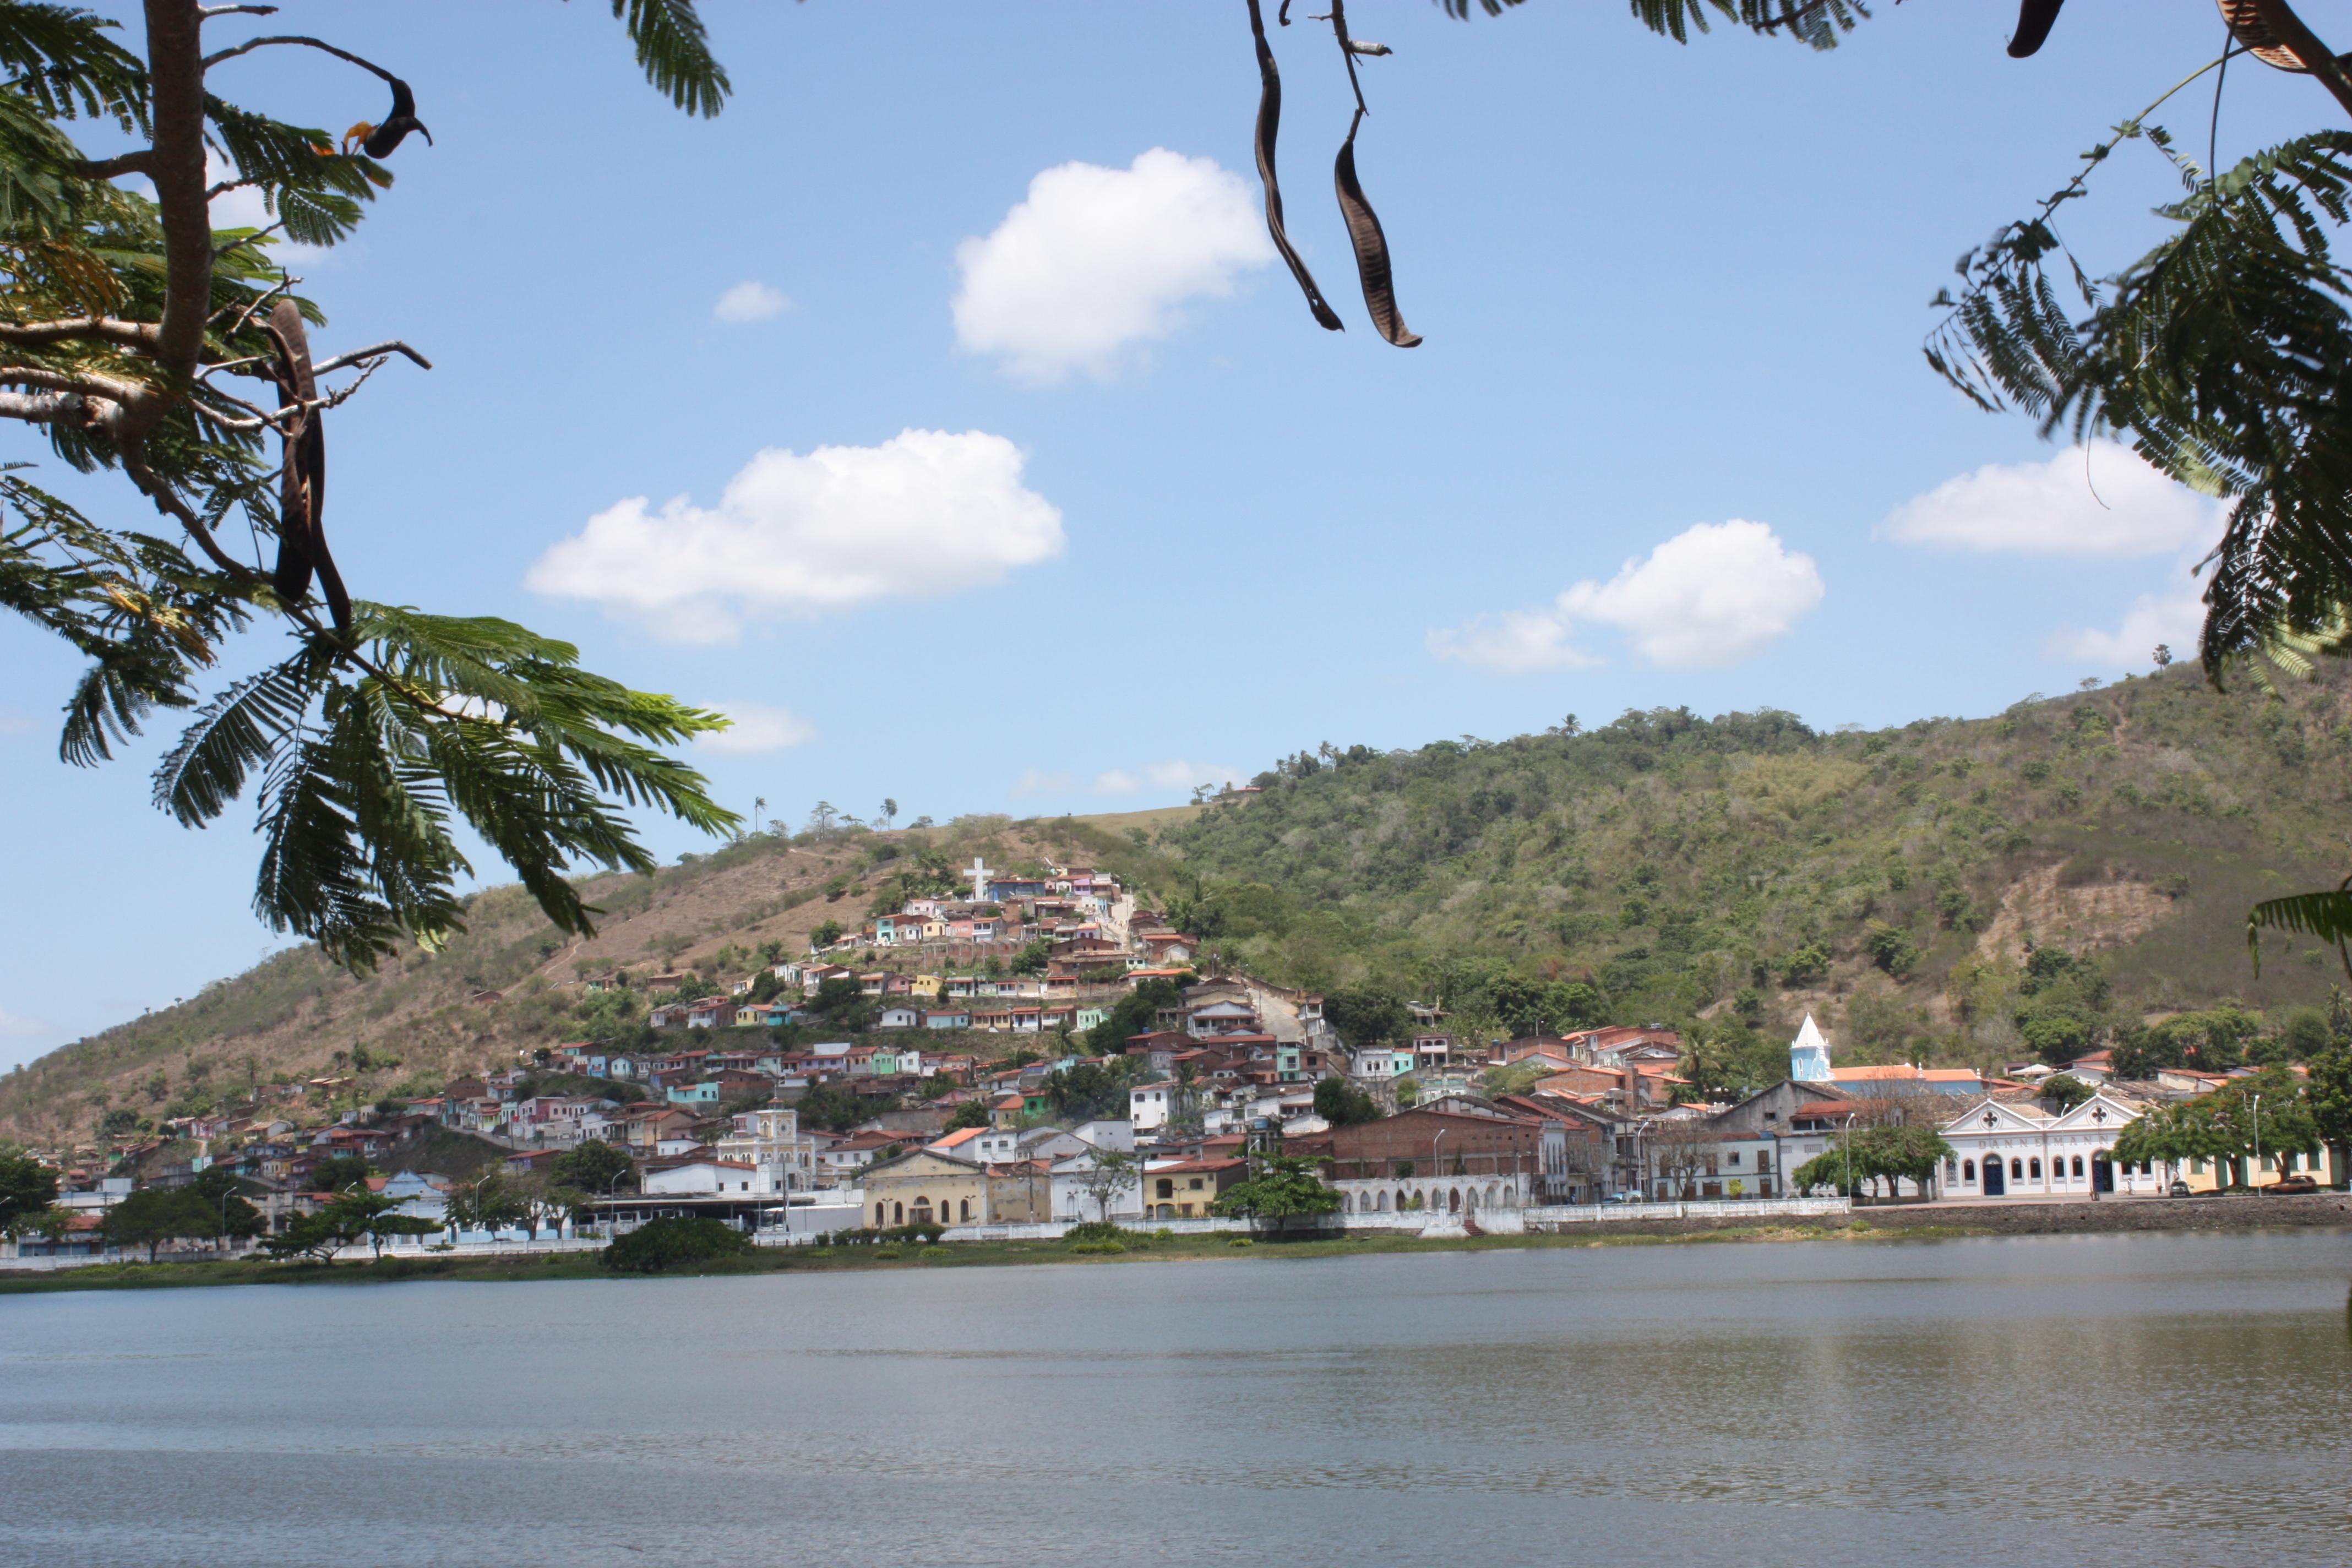 Visão panorâmica da linda paisagem emoldurada pelo rio Paraguaçu e as moradias construídas do vale para a montanha